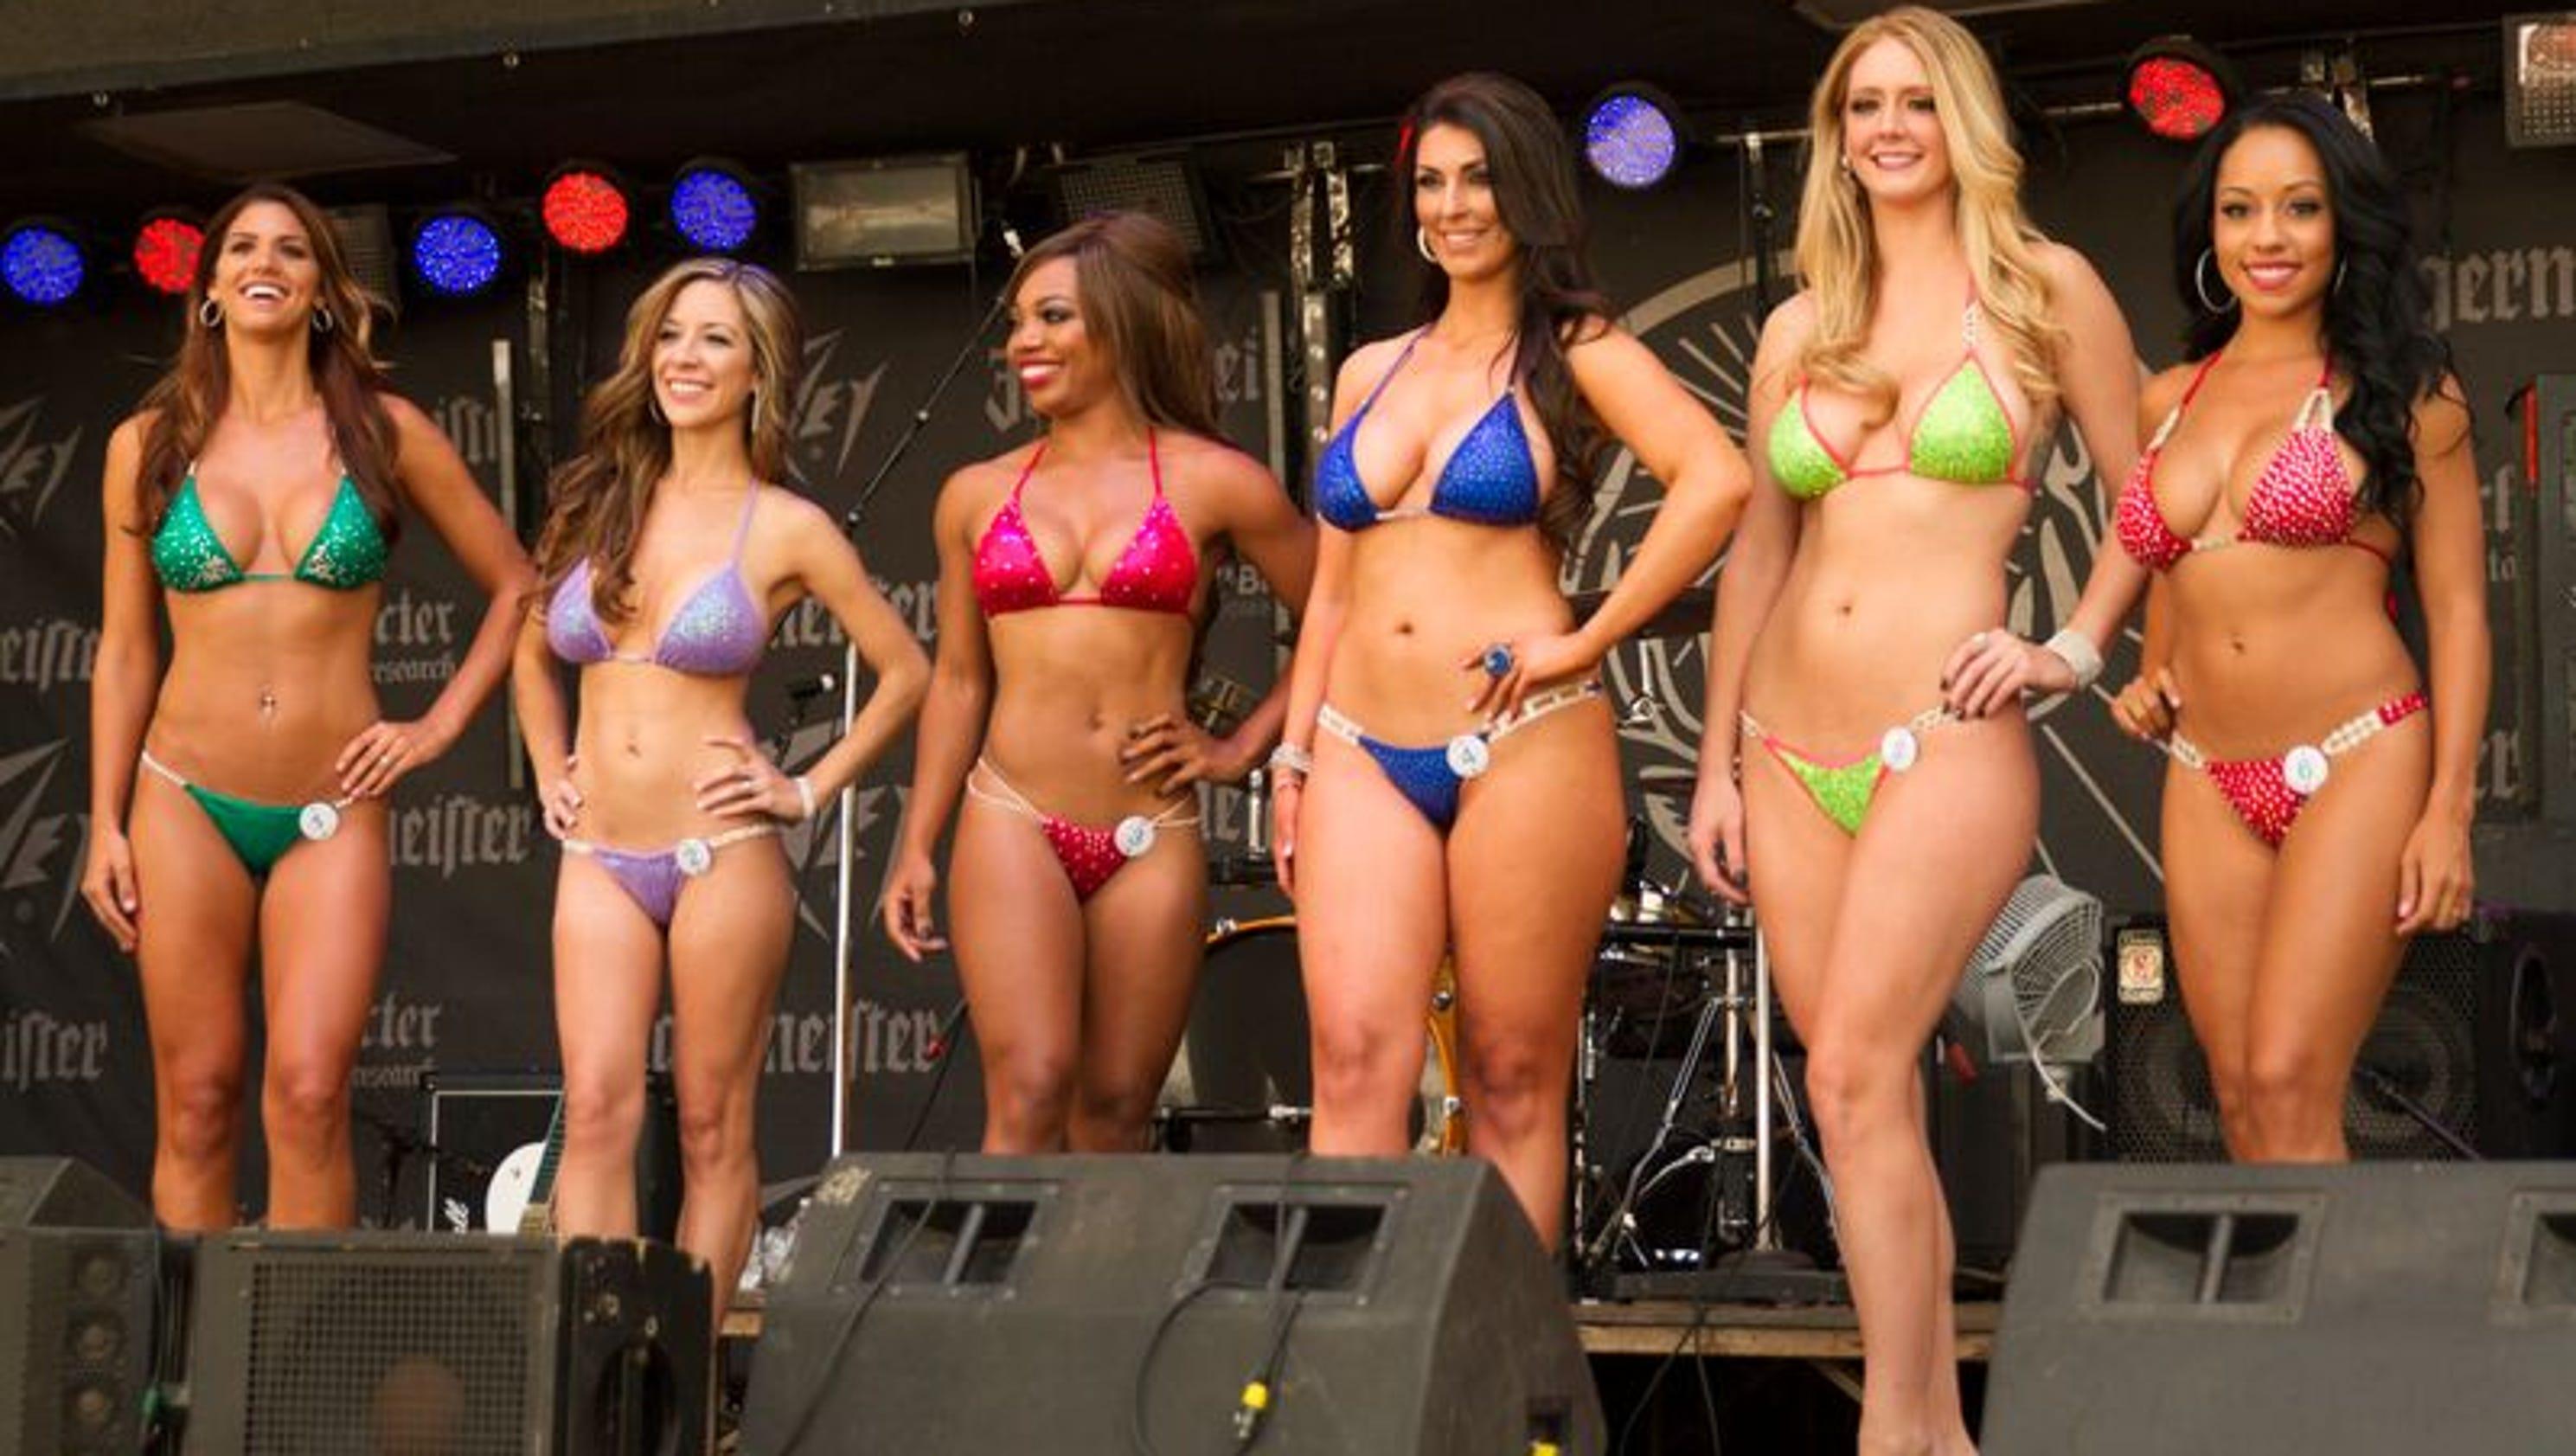 Hot Bikini Team 99